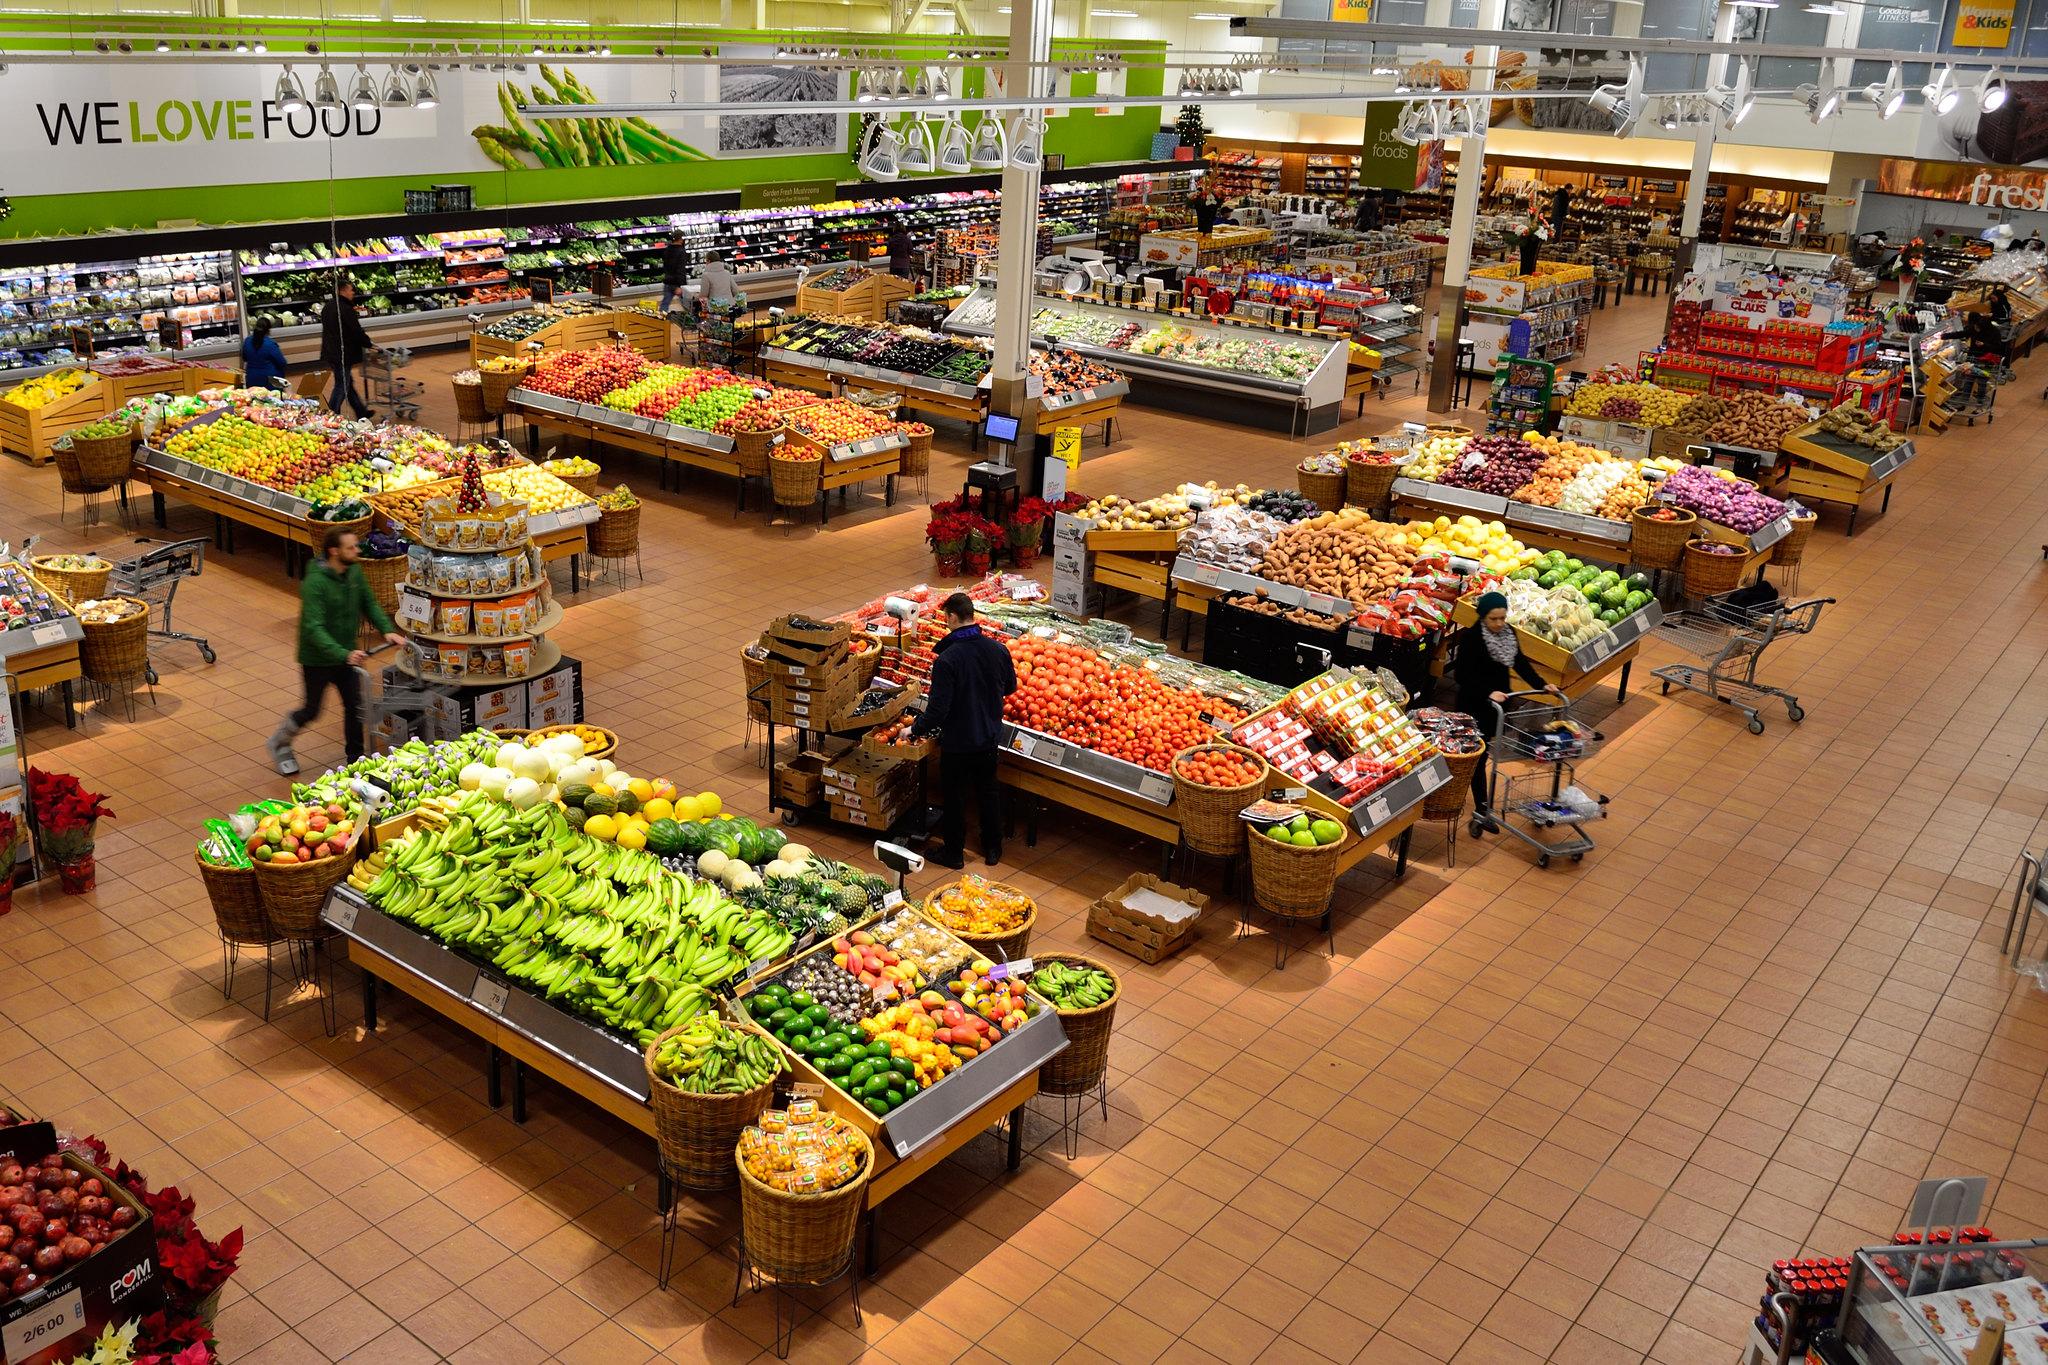 confianza del consumidor, Ventas minoristas colapsan en EU, alimentando el temor a la recesión